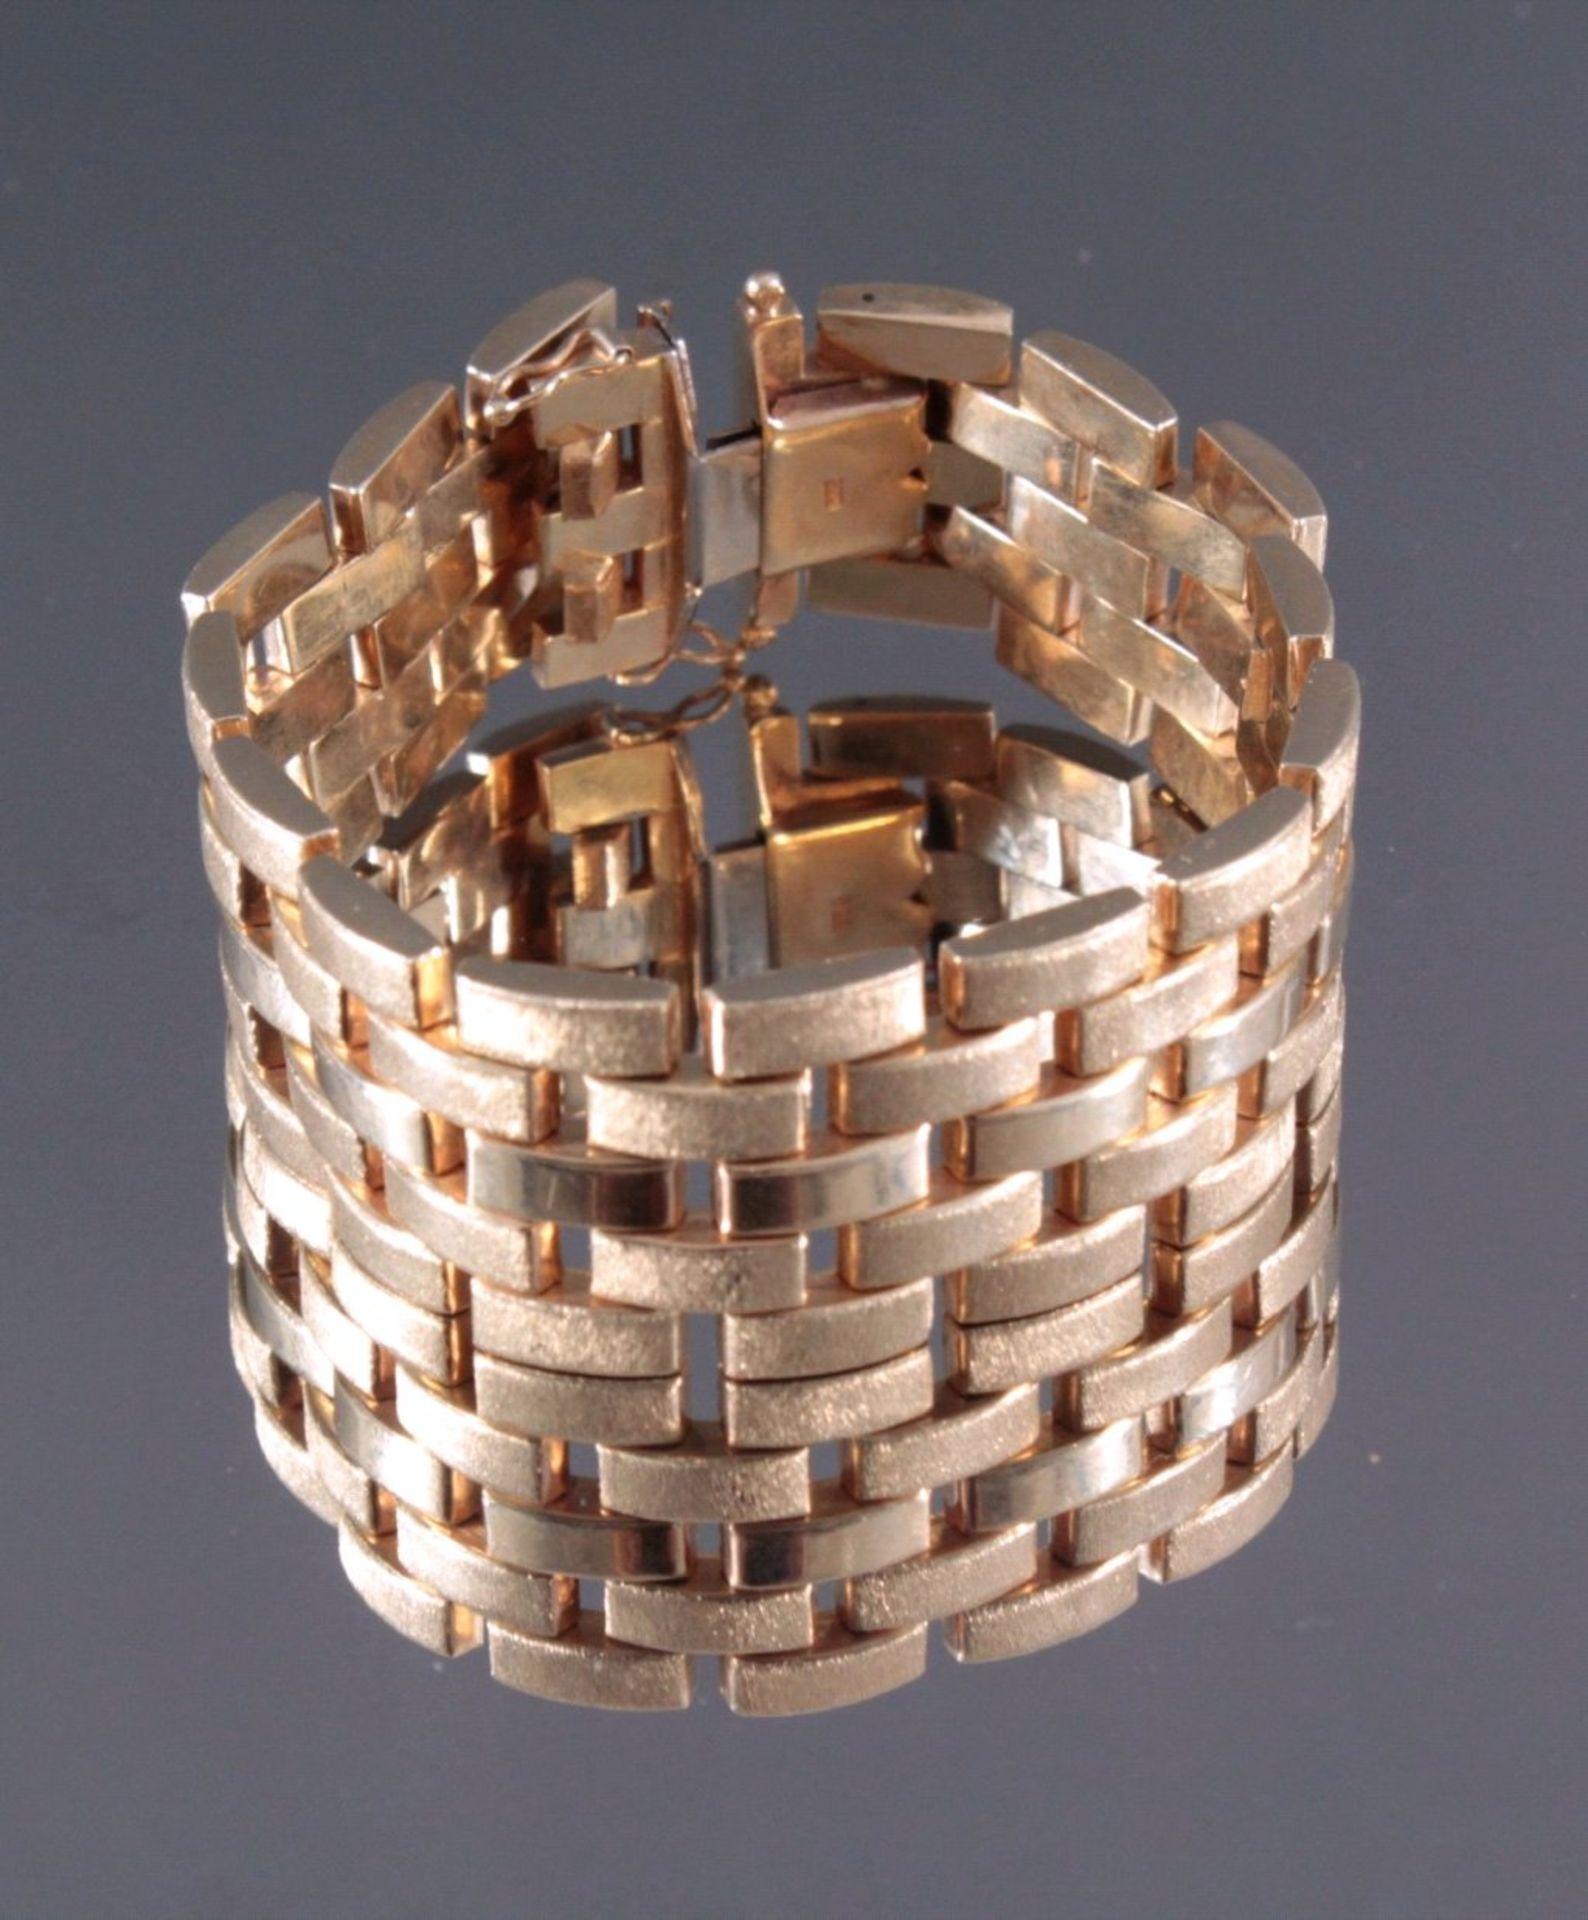 Damenarmband 585/000 GelbgoldGliederarmband, Sicherheitsverschluss, ca. L- 18,5 cm, 44,8g - Bild 2 aus 2